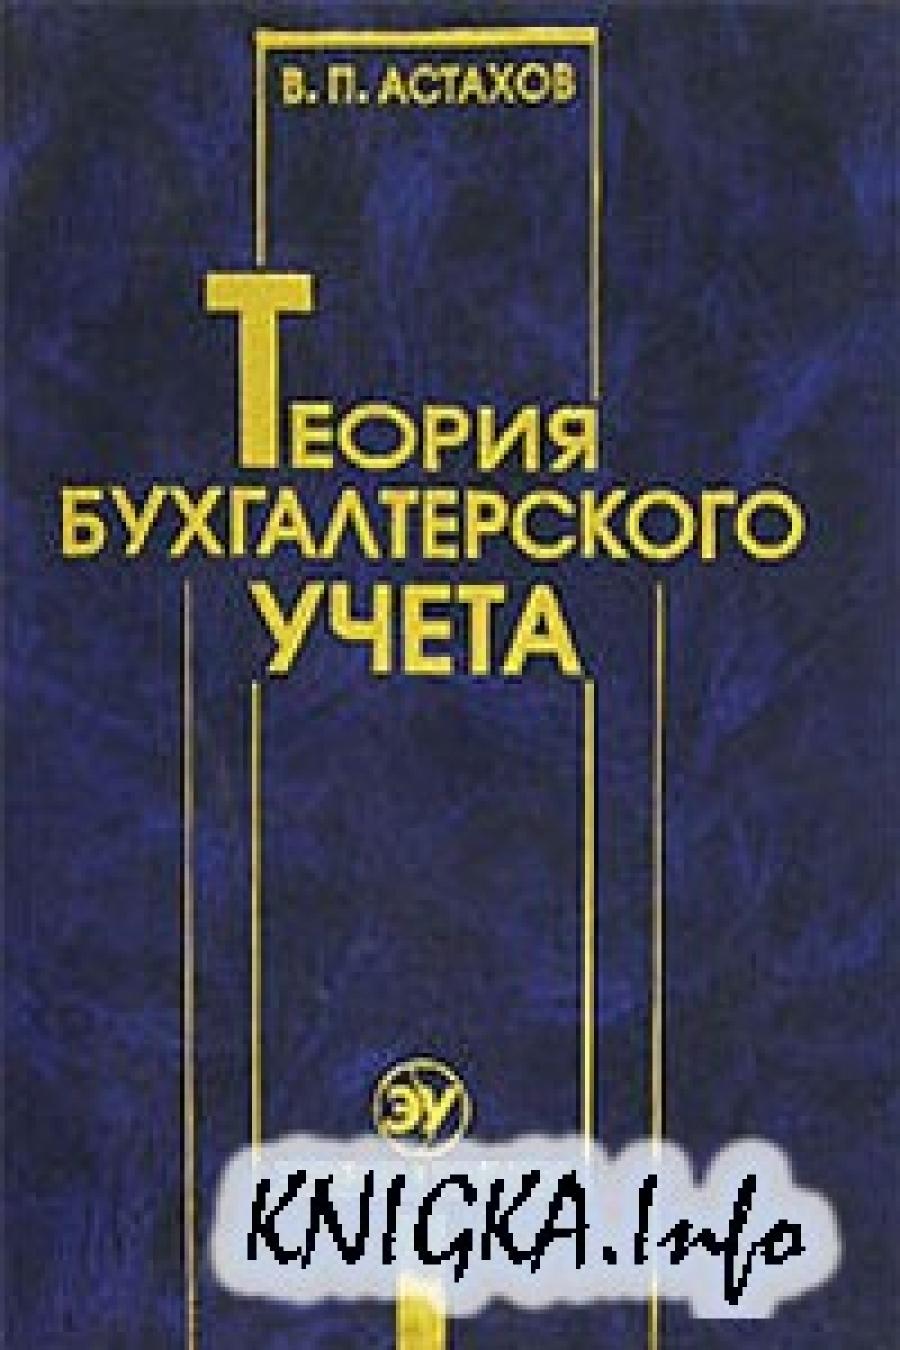 Обложка книги:  астахов в. п. - теория бухгалтерского учета